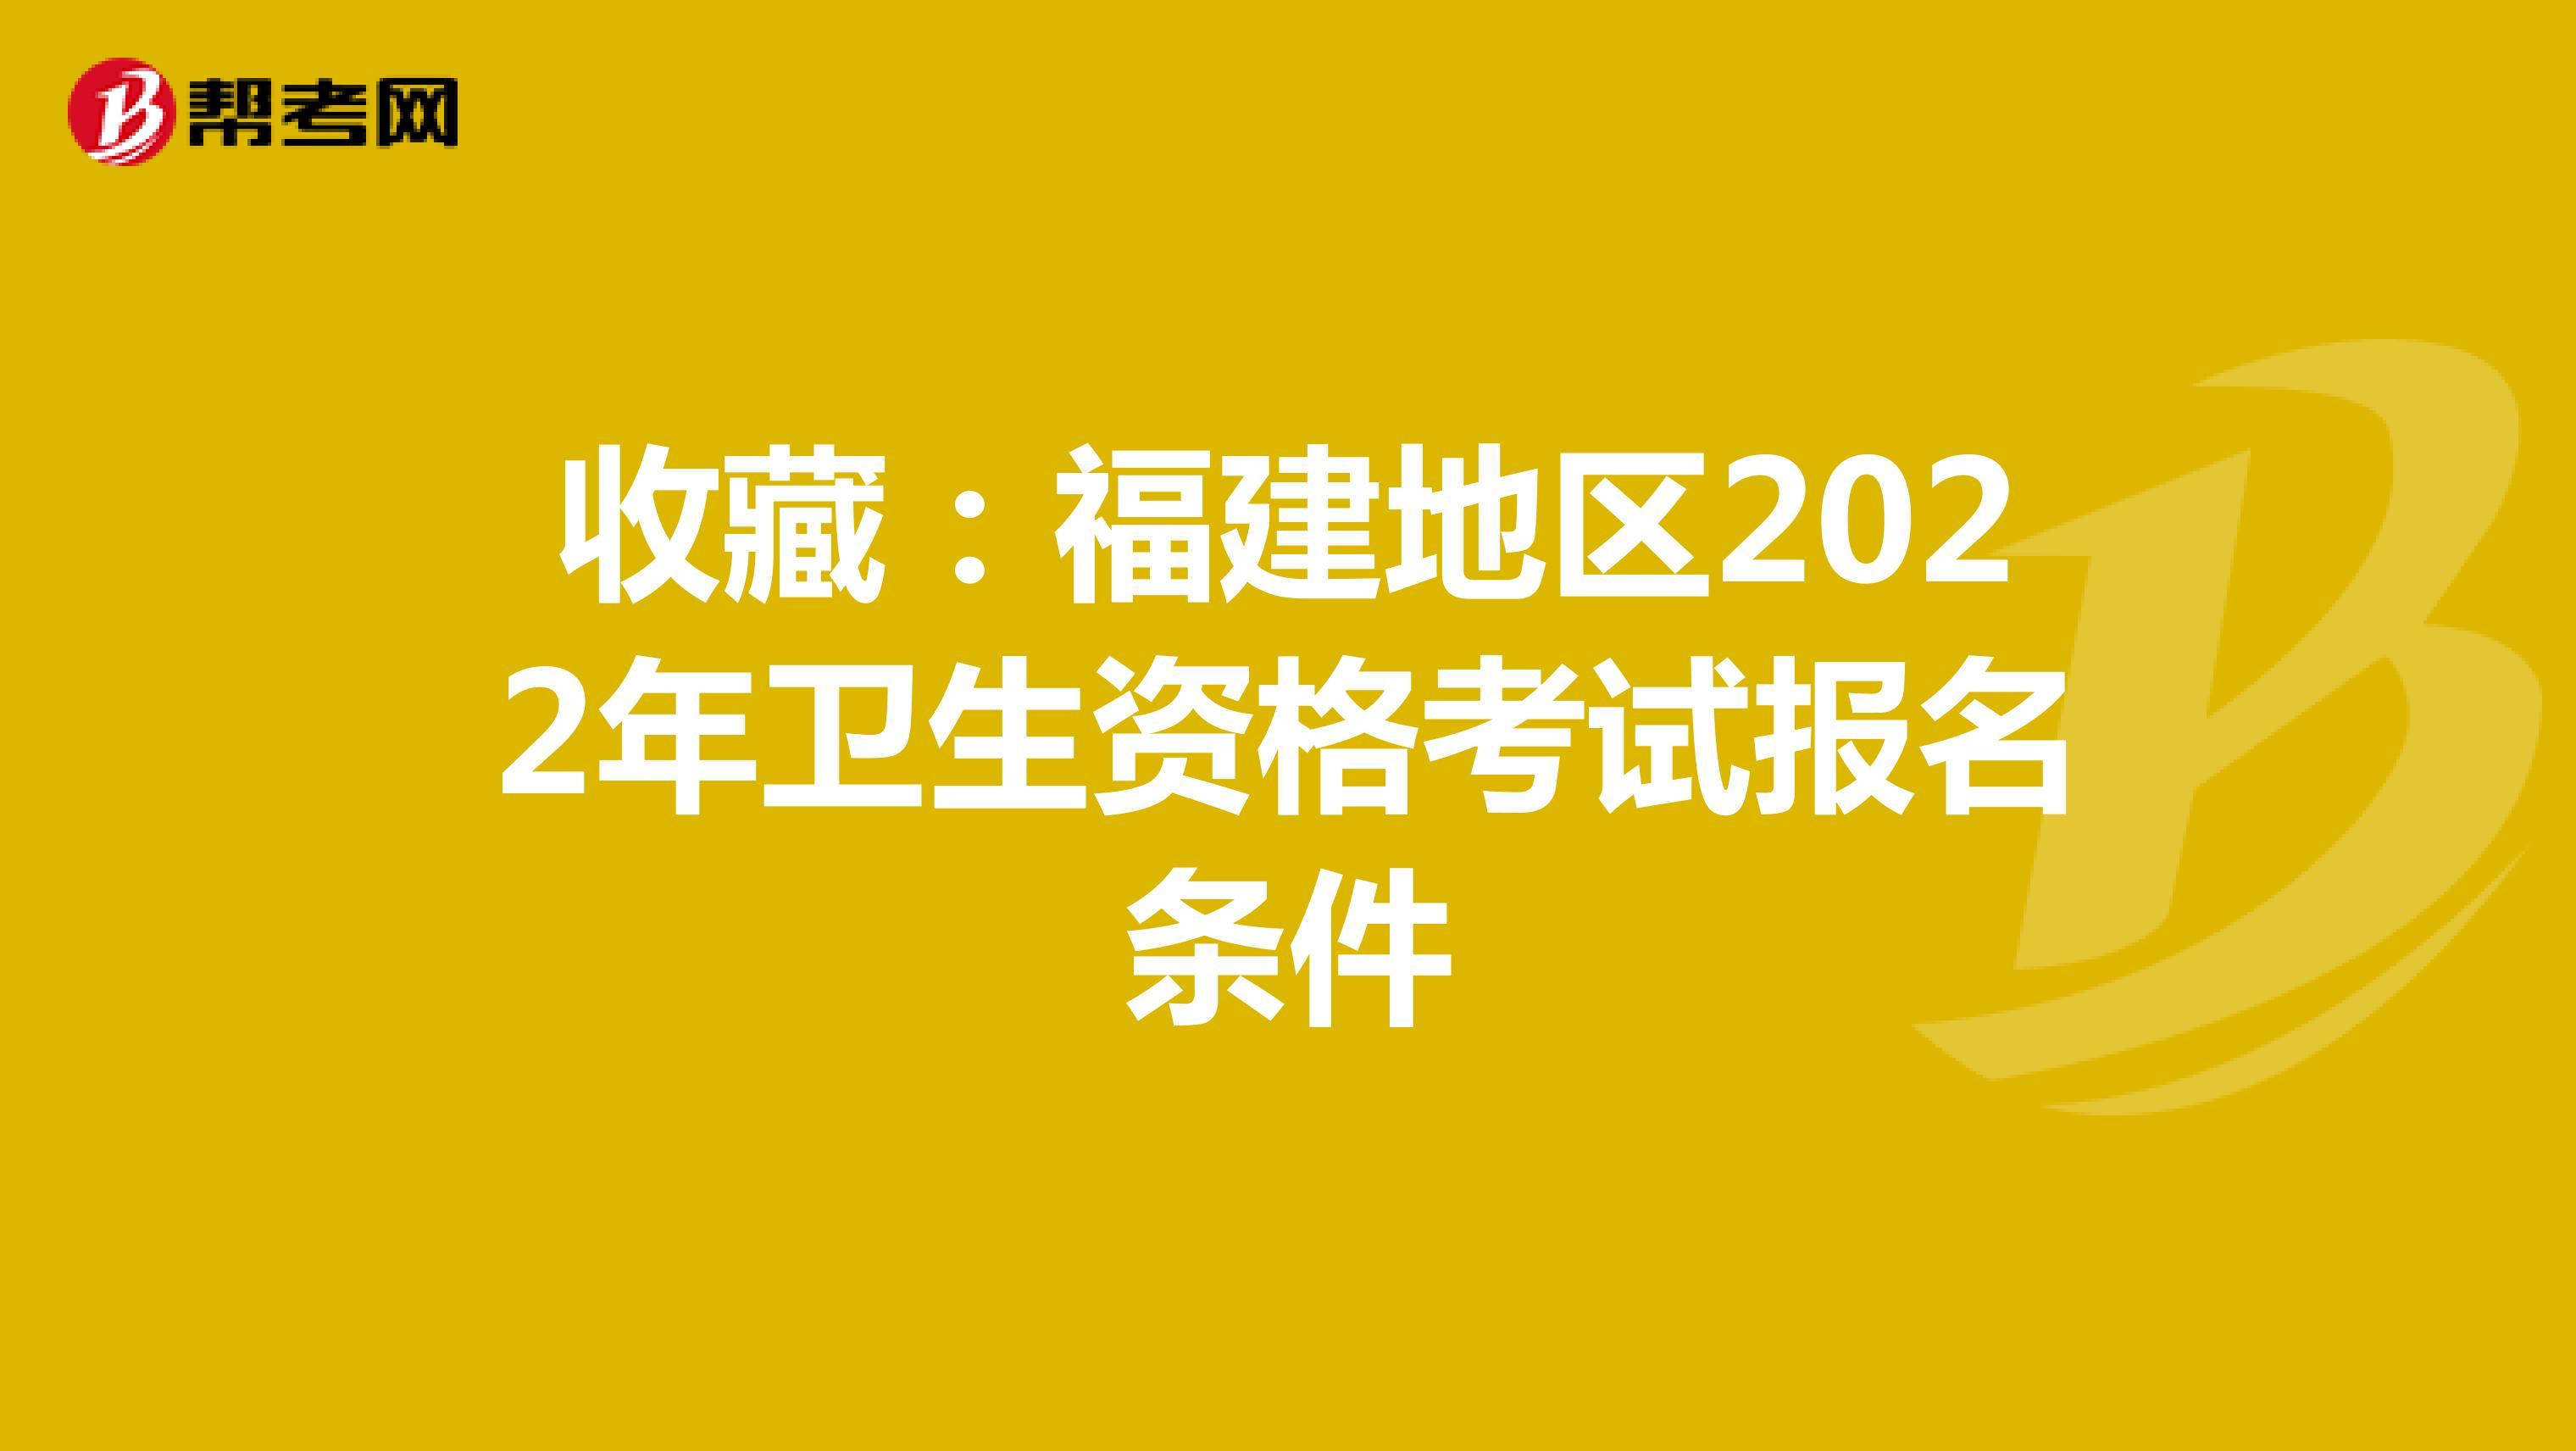 收藏:福建地区2022年卫生资格考试报名条件